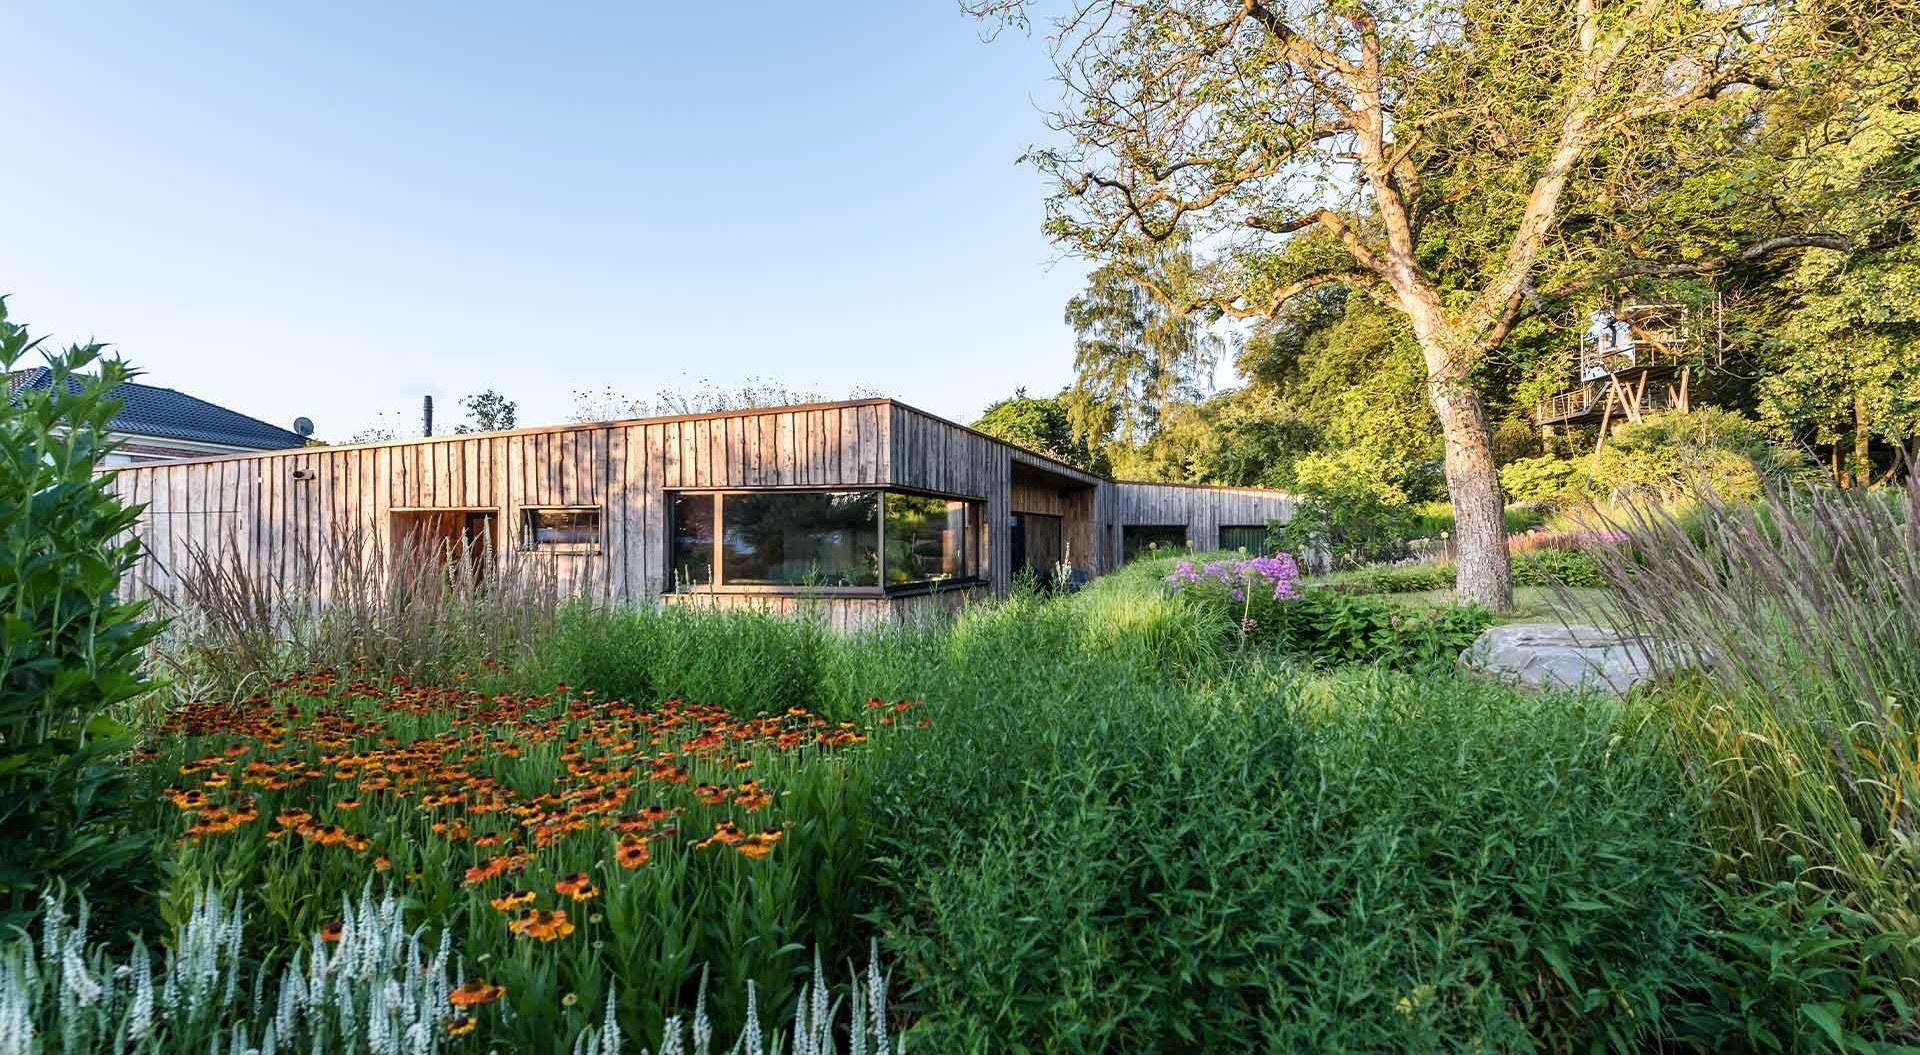 Holzhaus inmitten von Blumenwiese und schönen Pflanzen